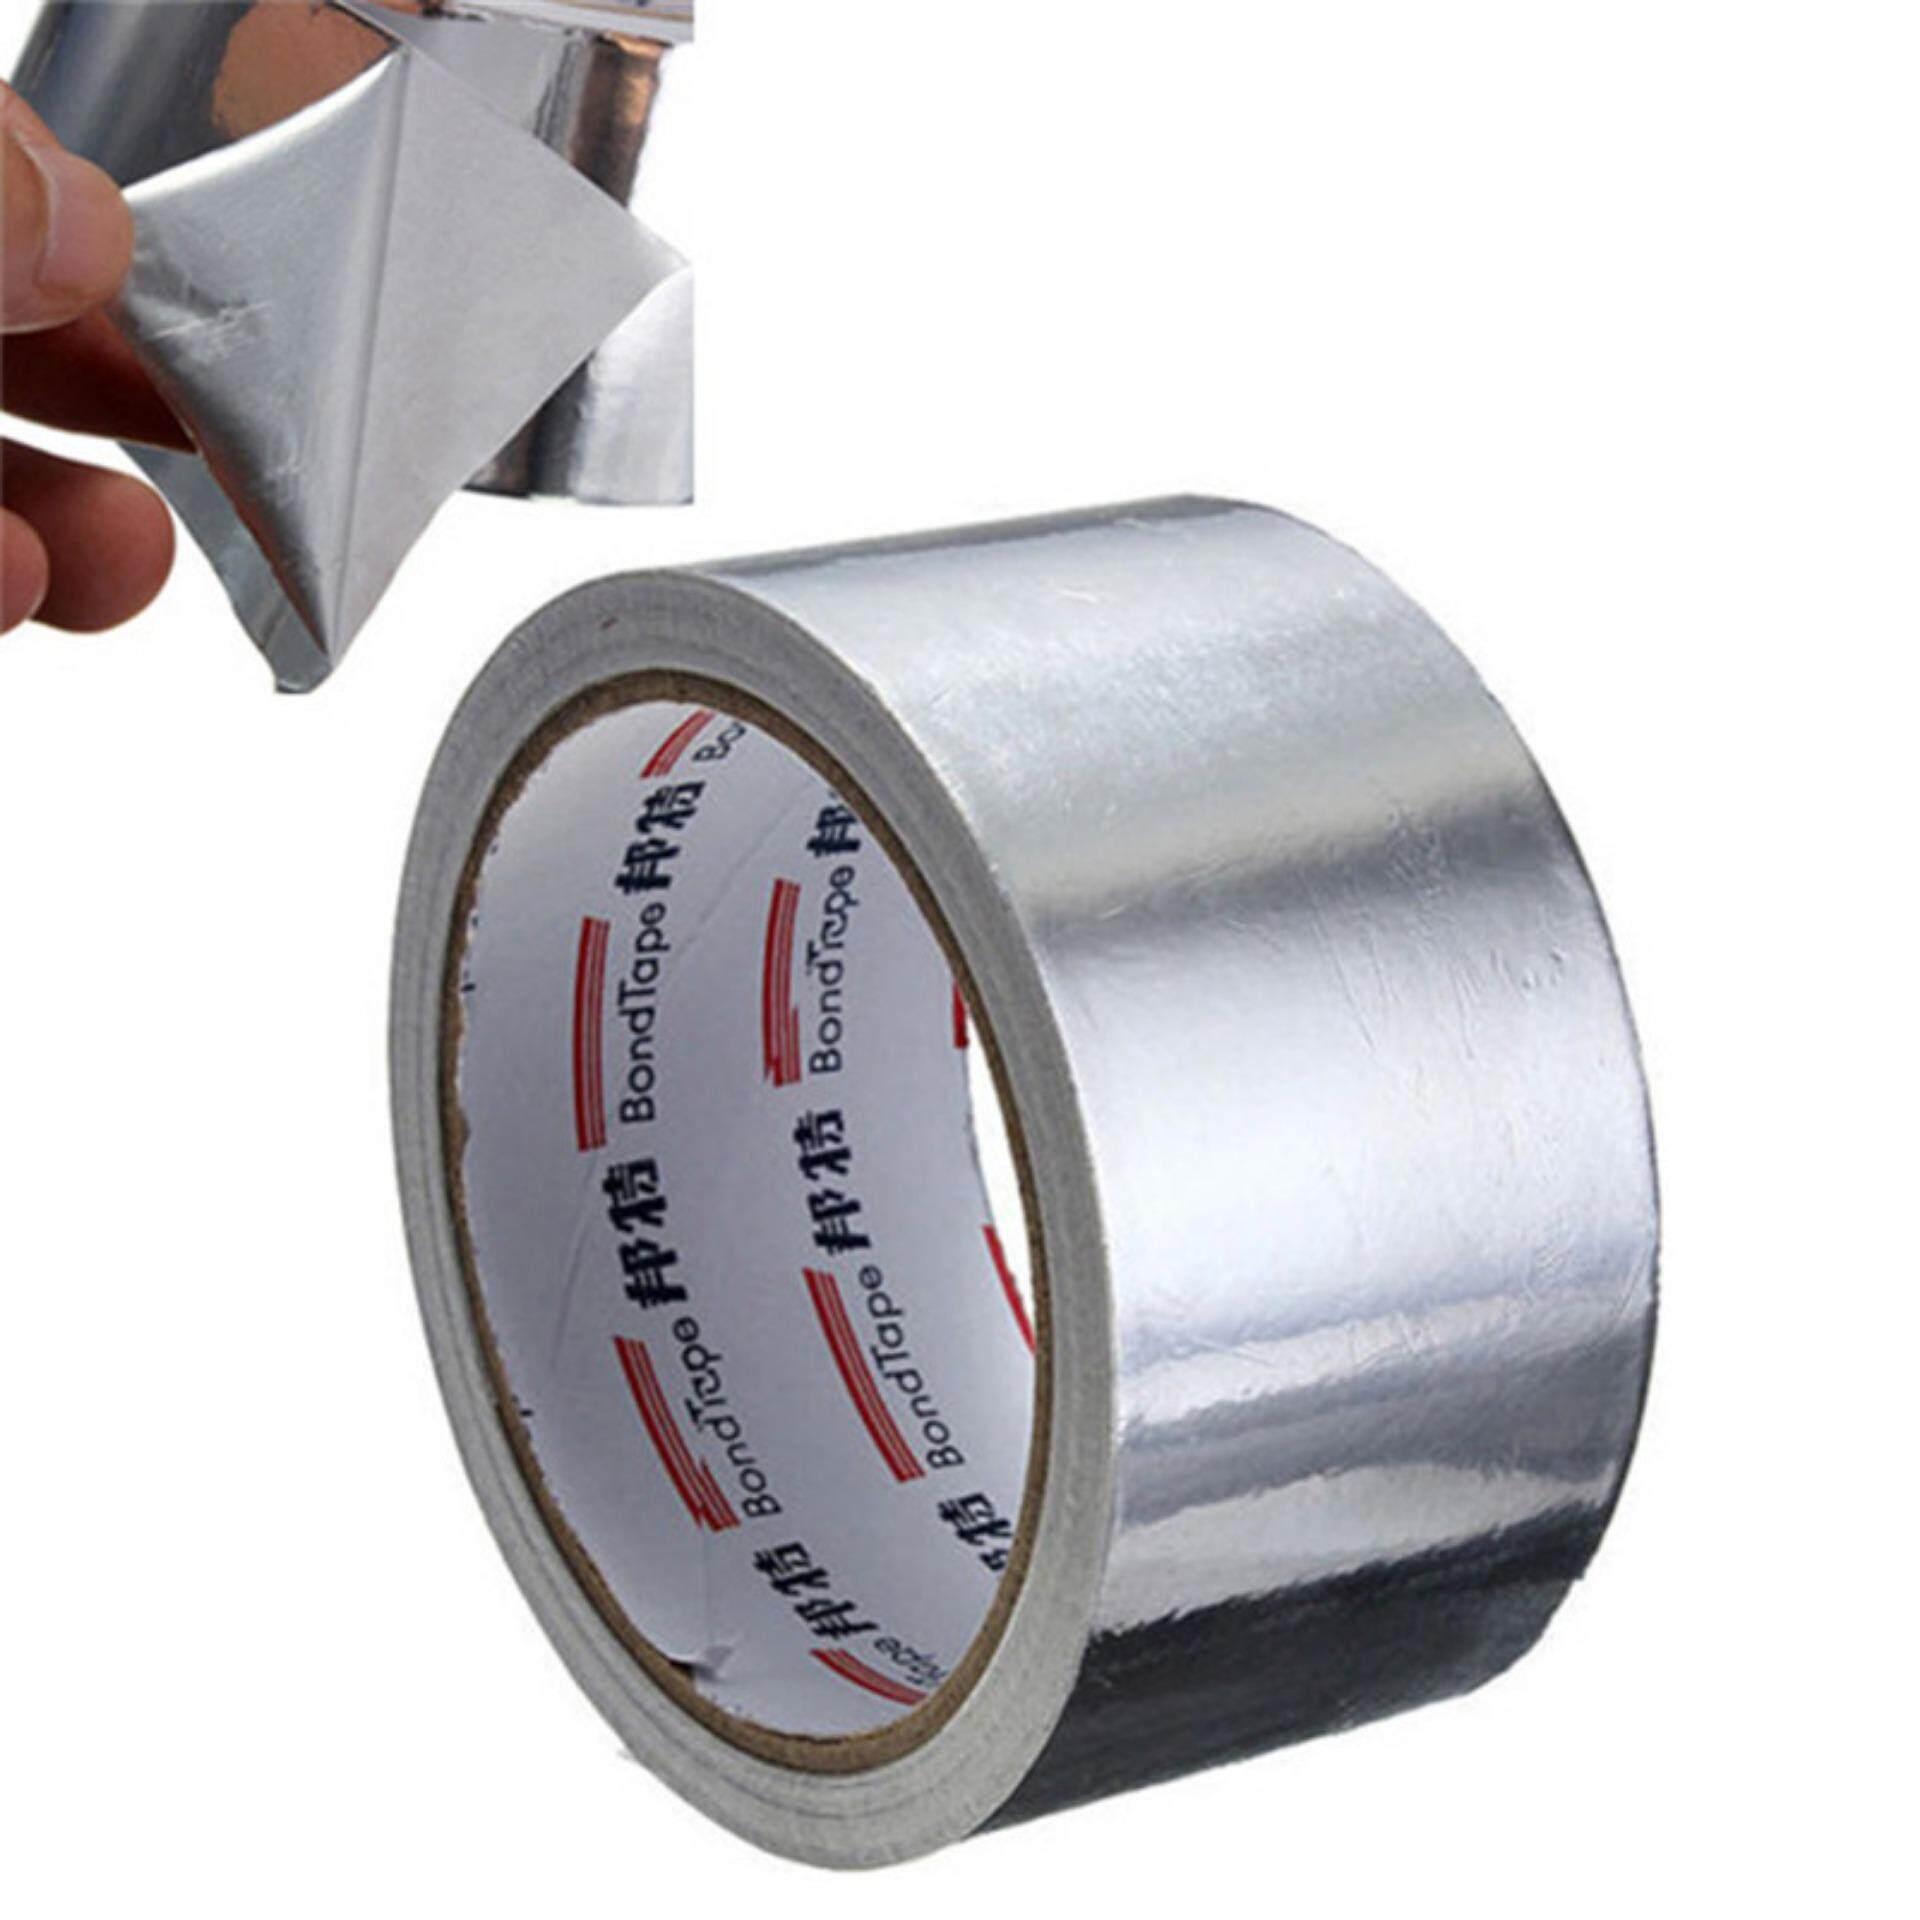 Dragon 5cm*17m Useful Aluminium Foil Adhesive Sealing Tape Thermal Resist Duct Repairs Tape